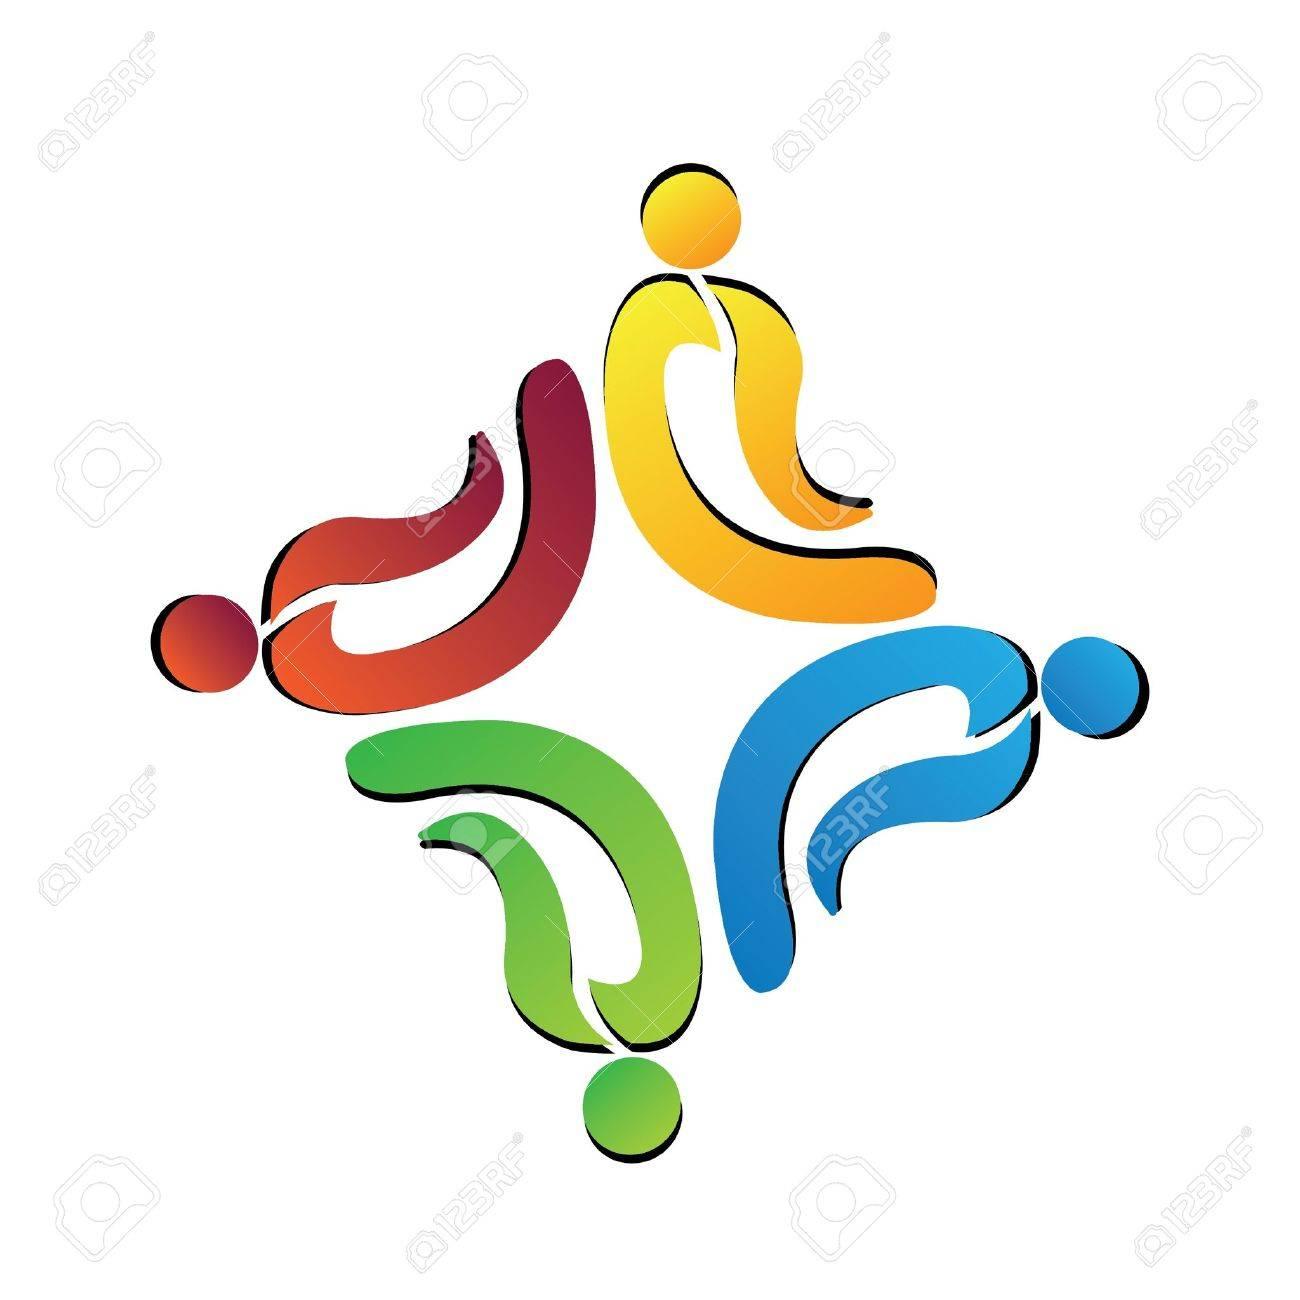 Teamwork logo Stock Vector - 11195657